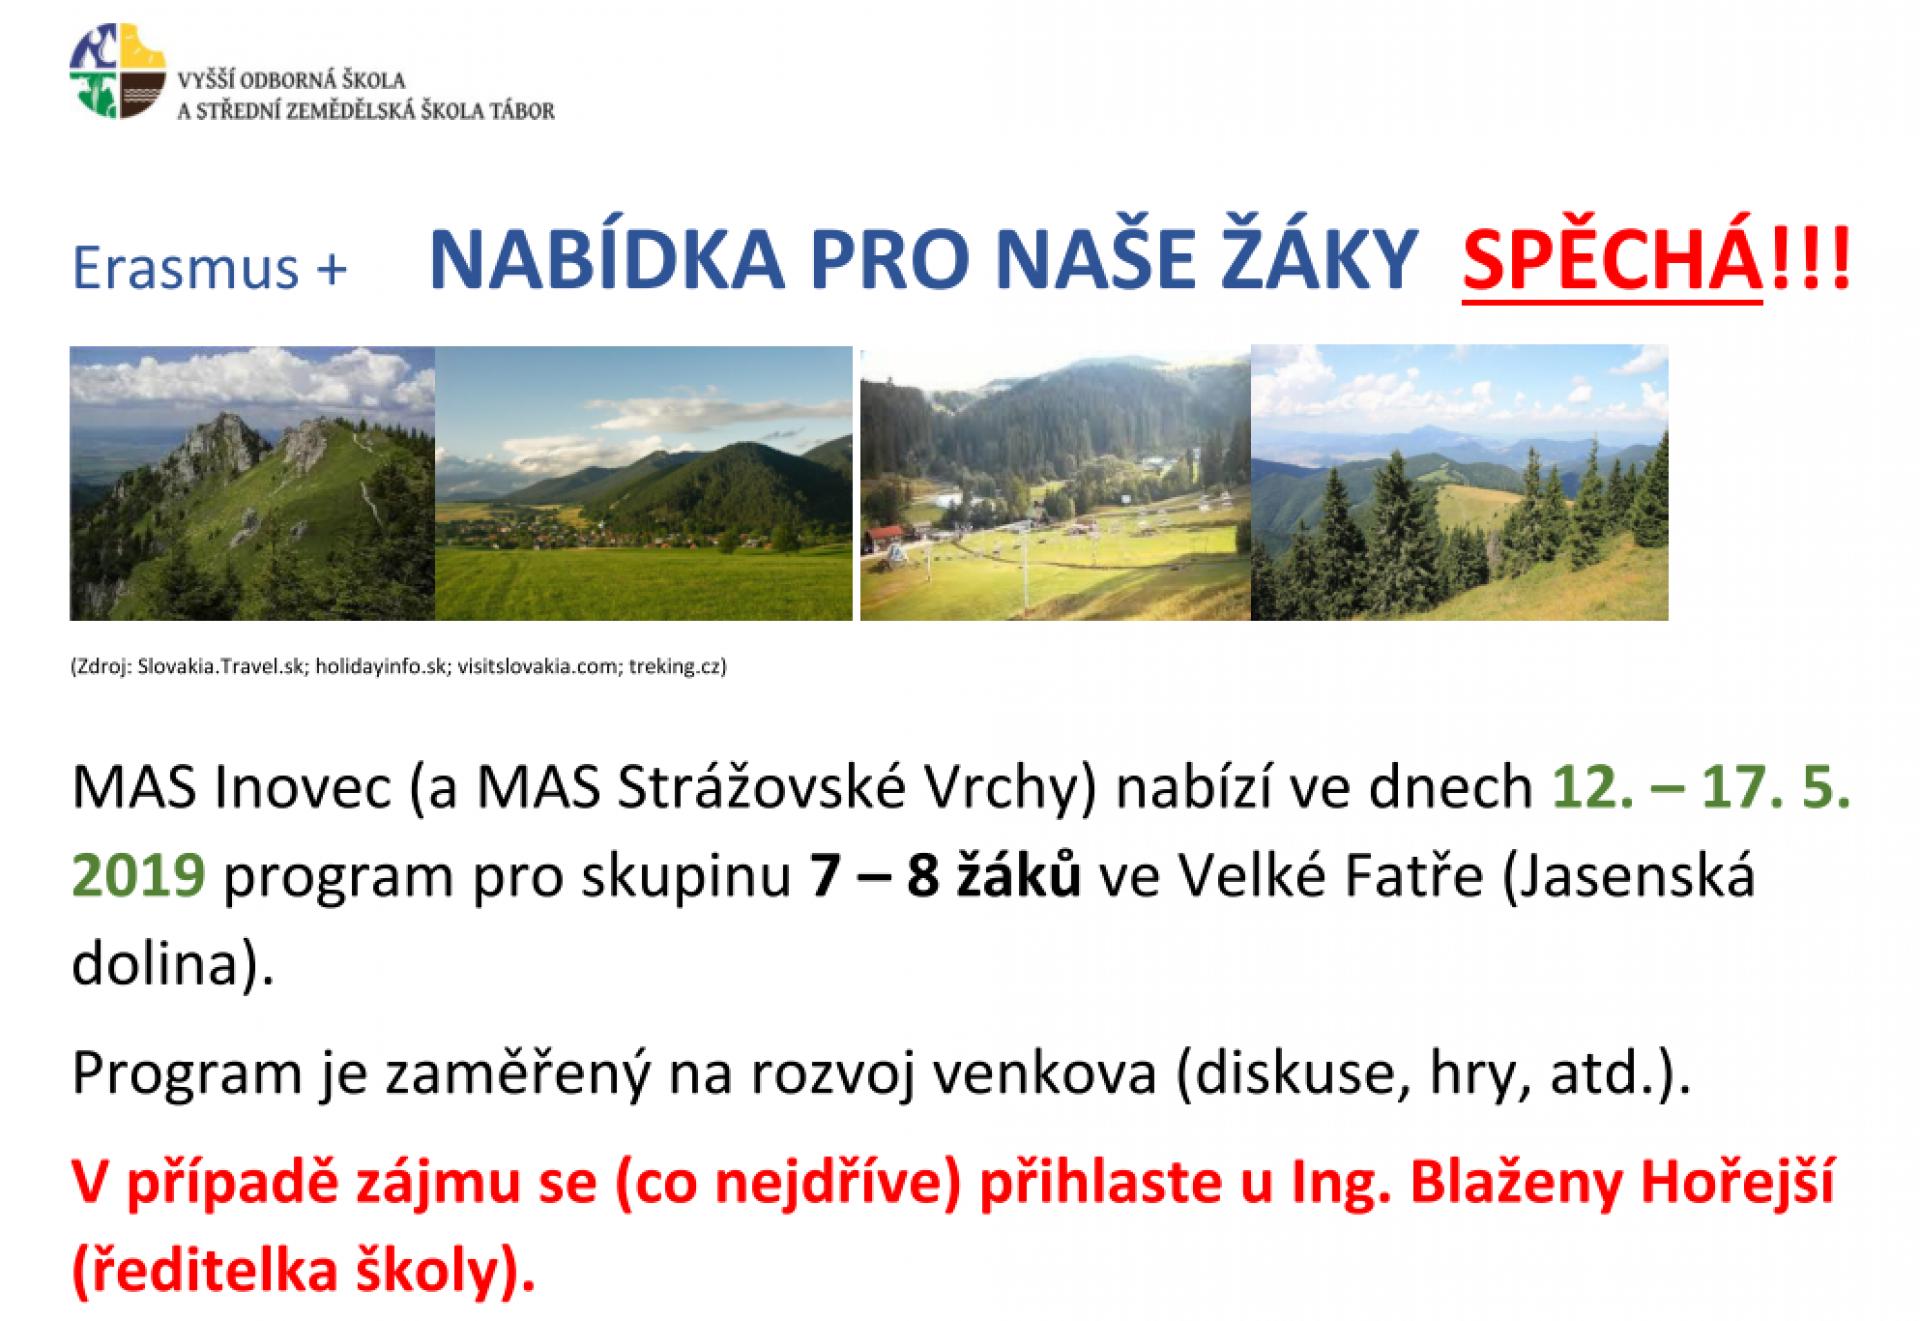 Nabídka_Jasenská dolina).PNG